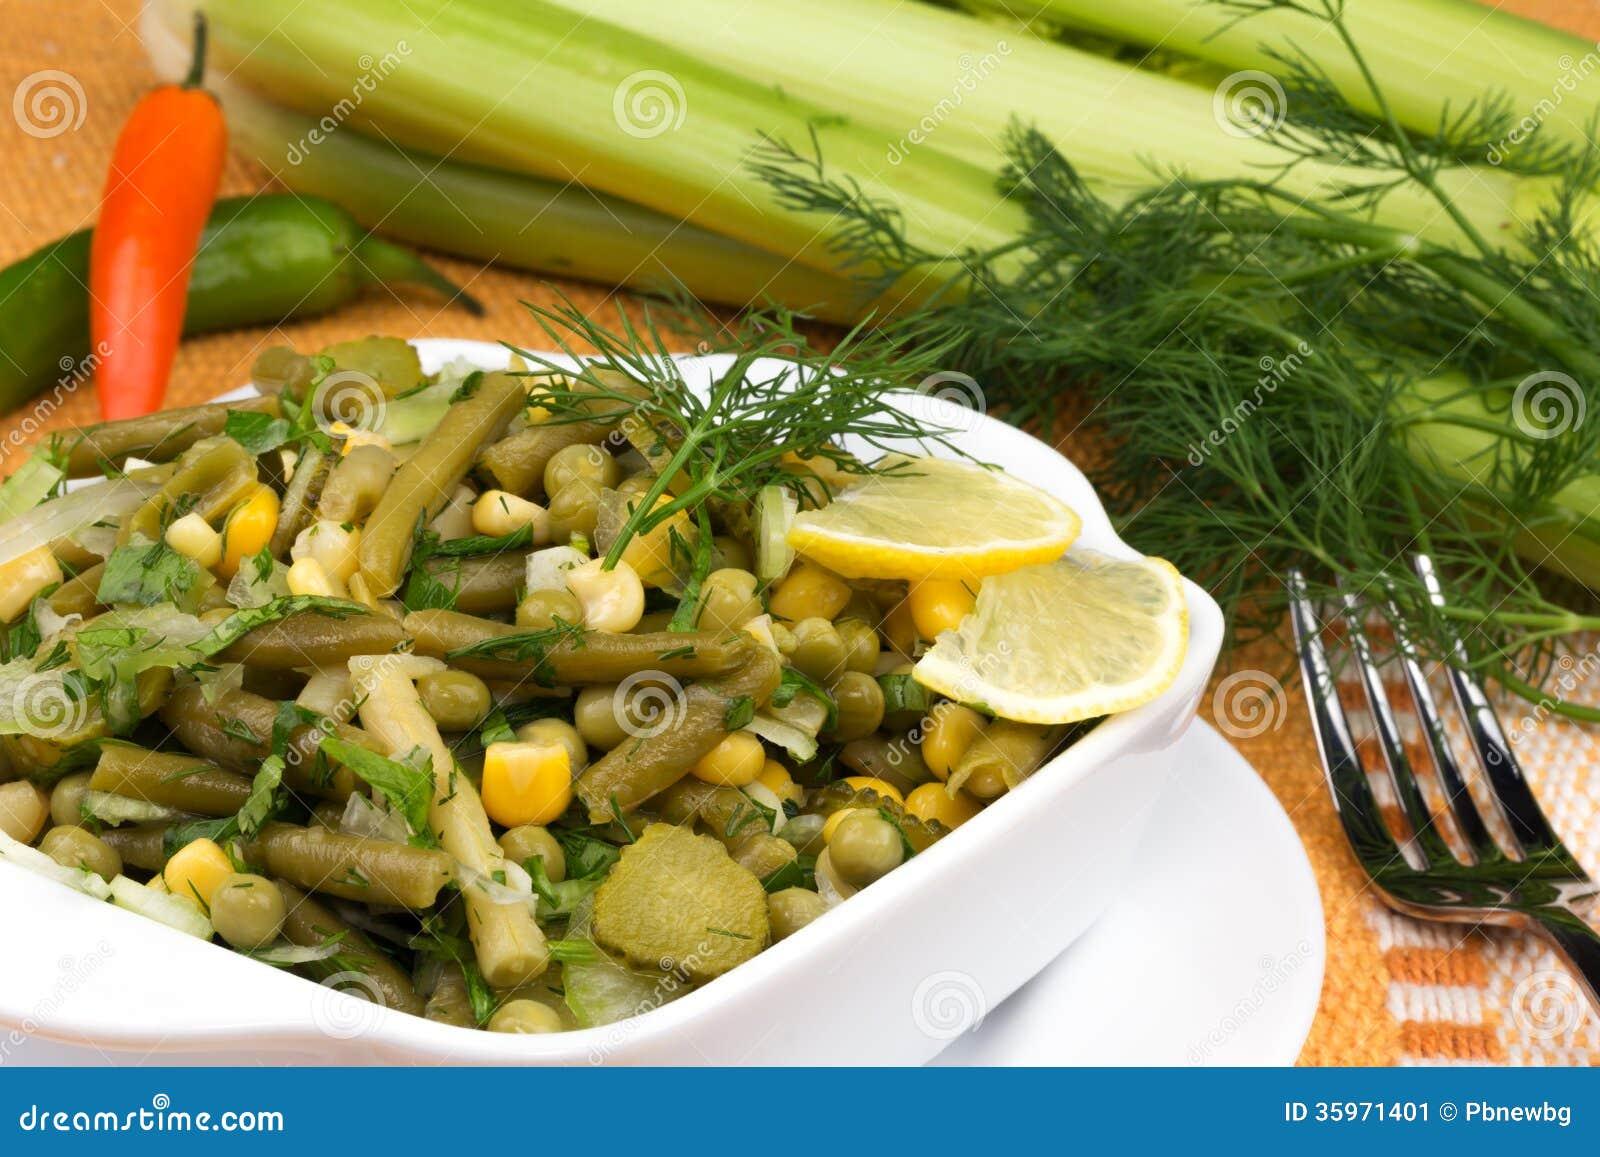 Ensalada del puerro con los guisantes y las habas verdes